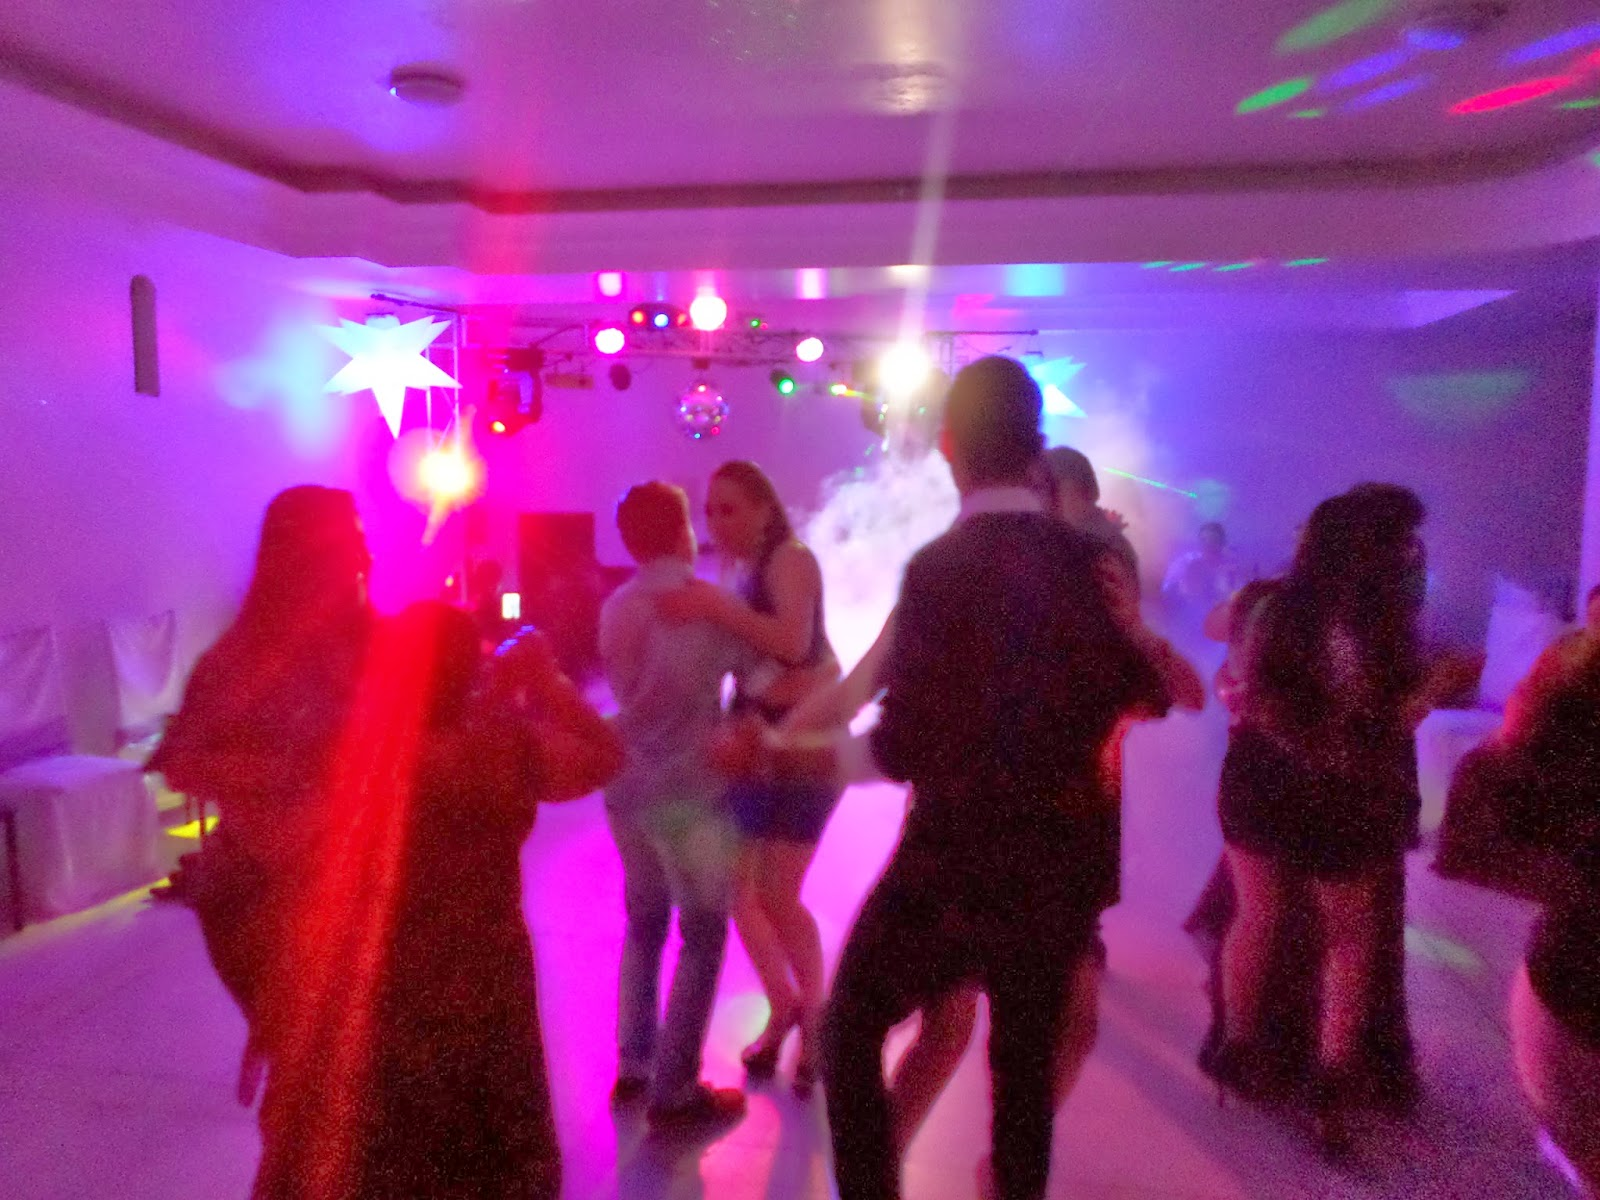 DJ PARA FESTA, DJ EM JOINVILLE, DJ PARA CASAMENTO, DJ PARA FORMATURAS, DJ PARA FESTA DE 15 ANOS, EVENTOS JOINVILLE, STAR FOTOS E EVENTOS, SOM E ILUMINAÇÃO PARA CASAMENTO, DJ PARA FESTAS EM JOINVILLE,